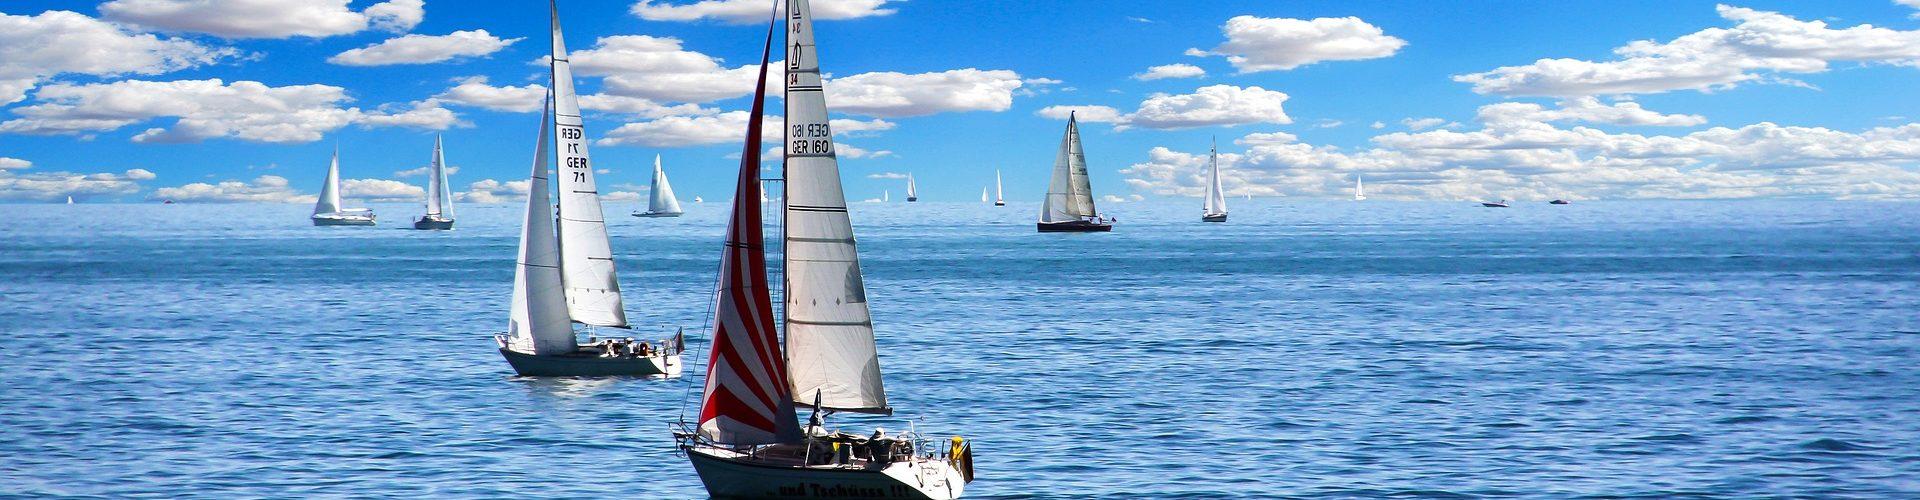 segeln lernen in Petershagen segelschein machen in Petershagen 1920x500 - Segeln lernen in Petershagen